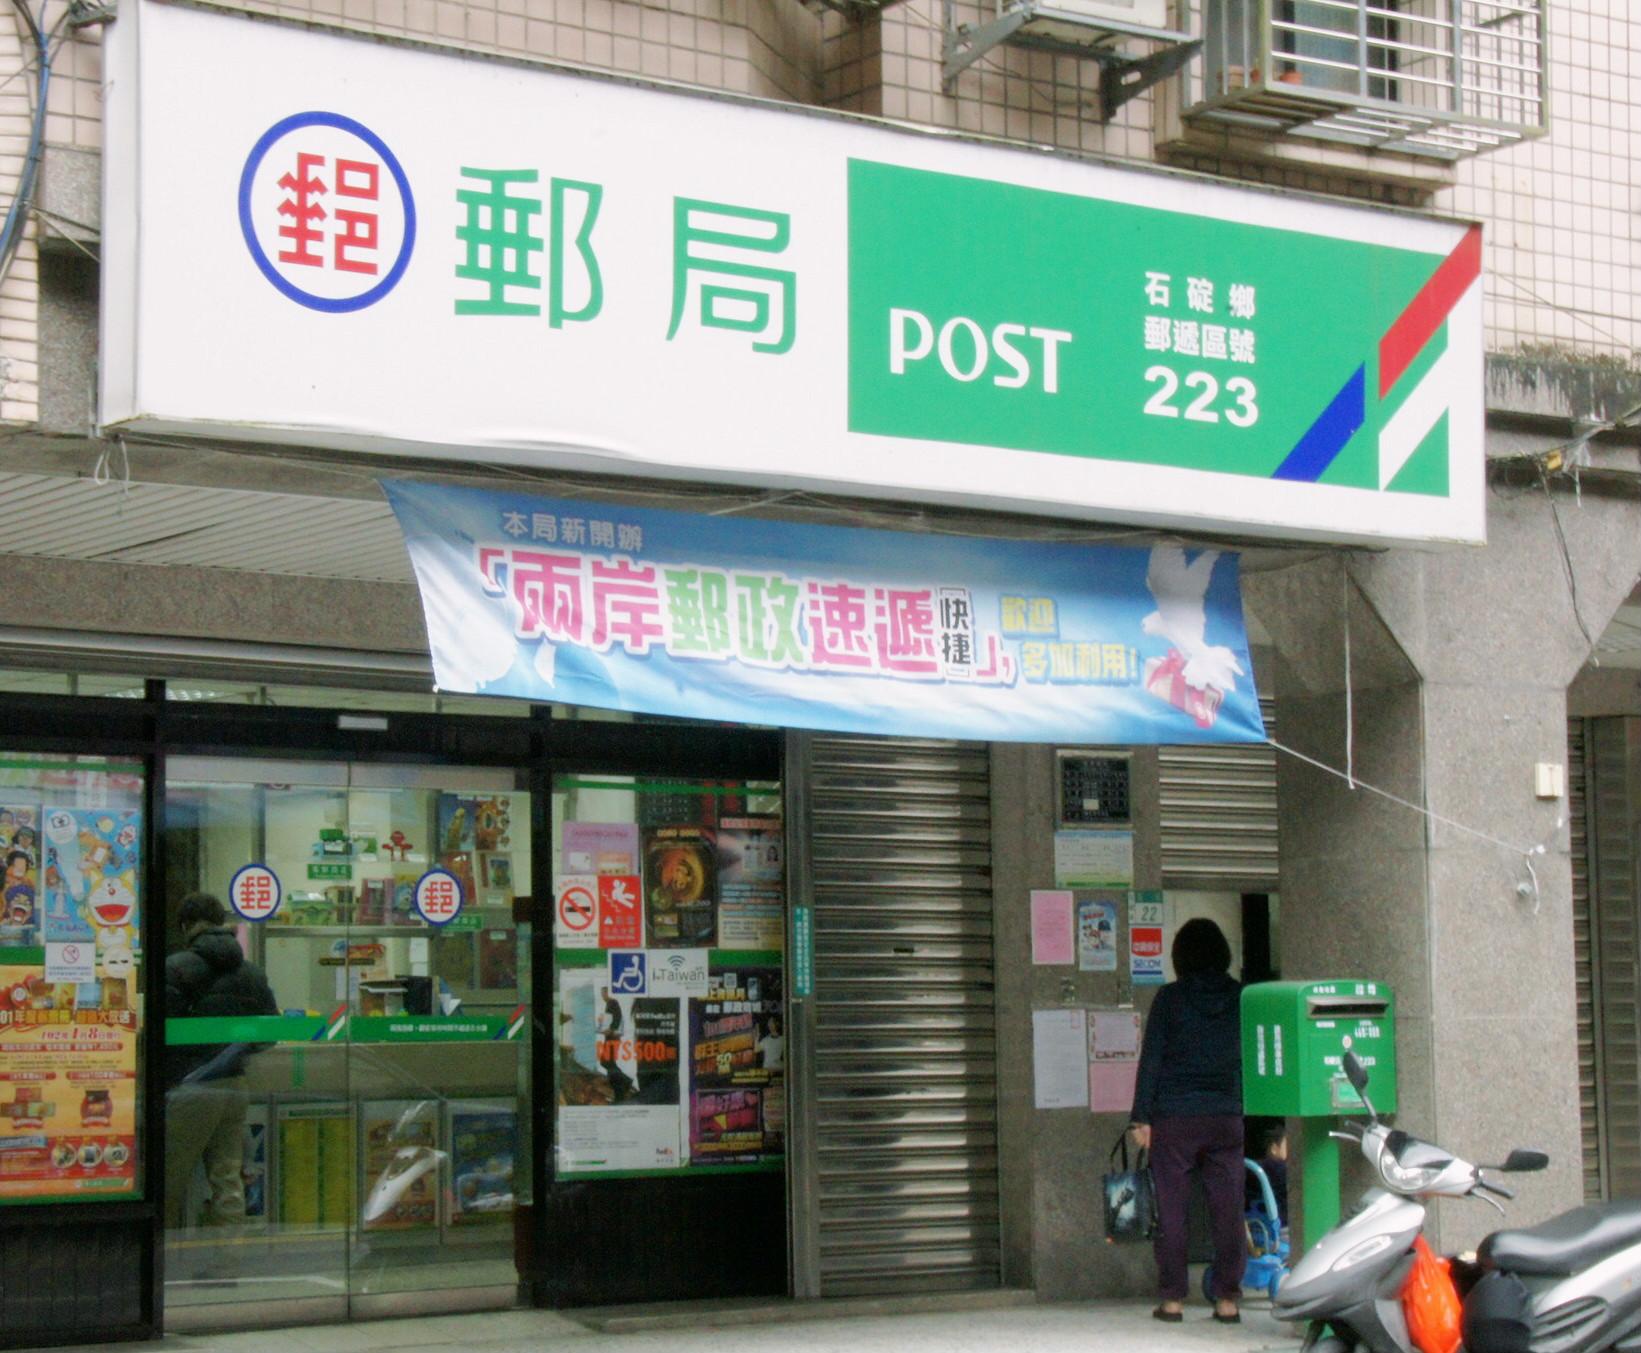 中華郵政約僱人員招考 考試7/24舉行